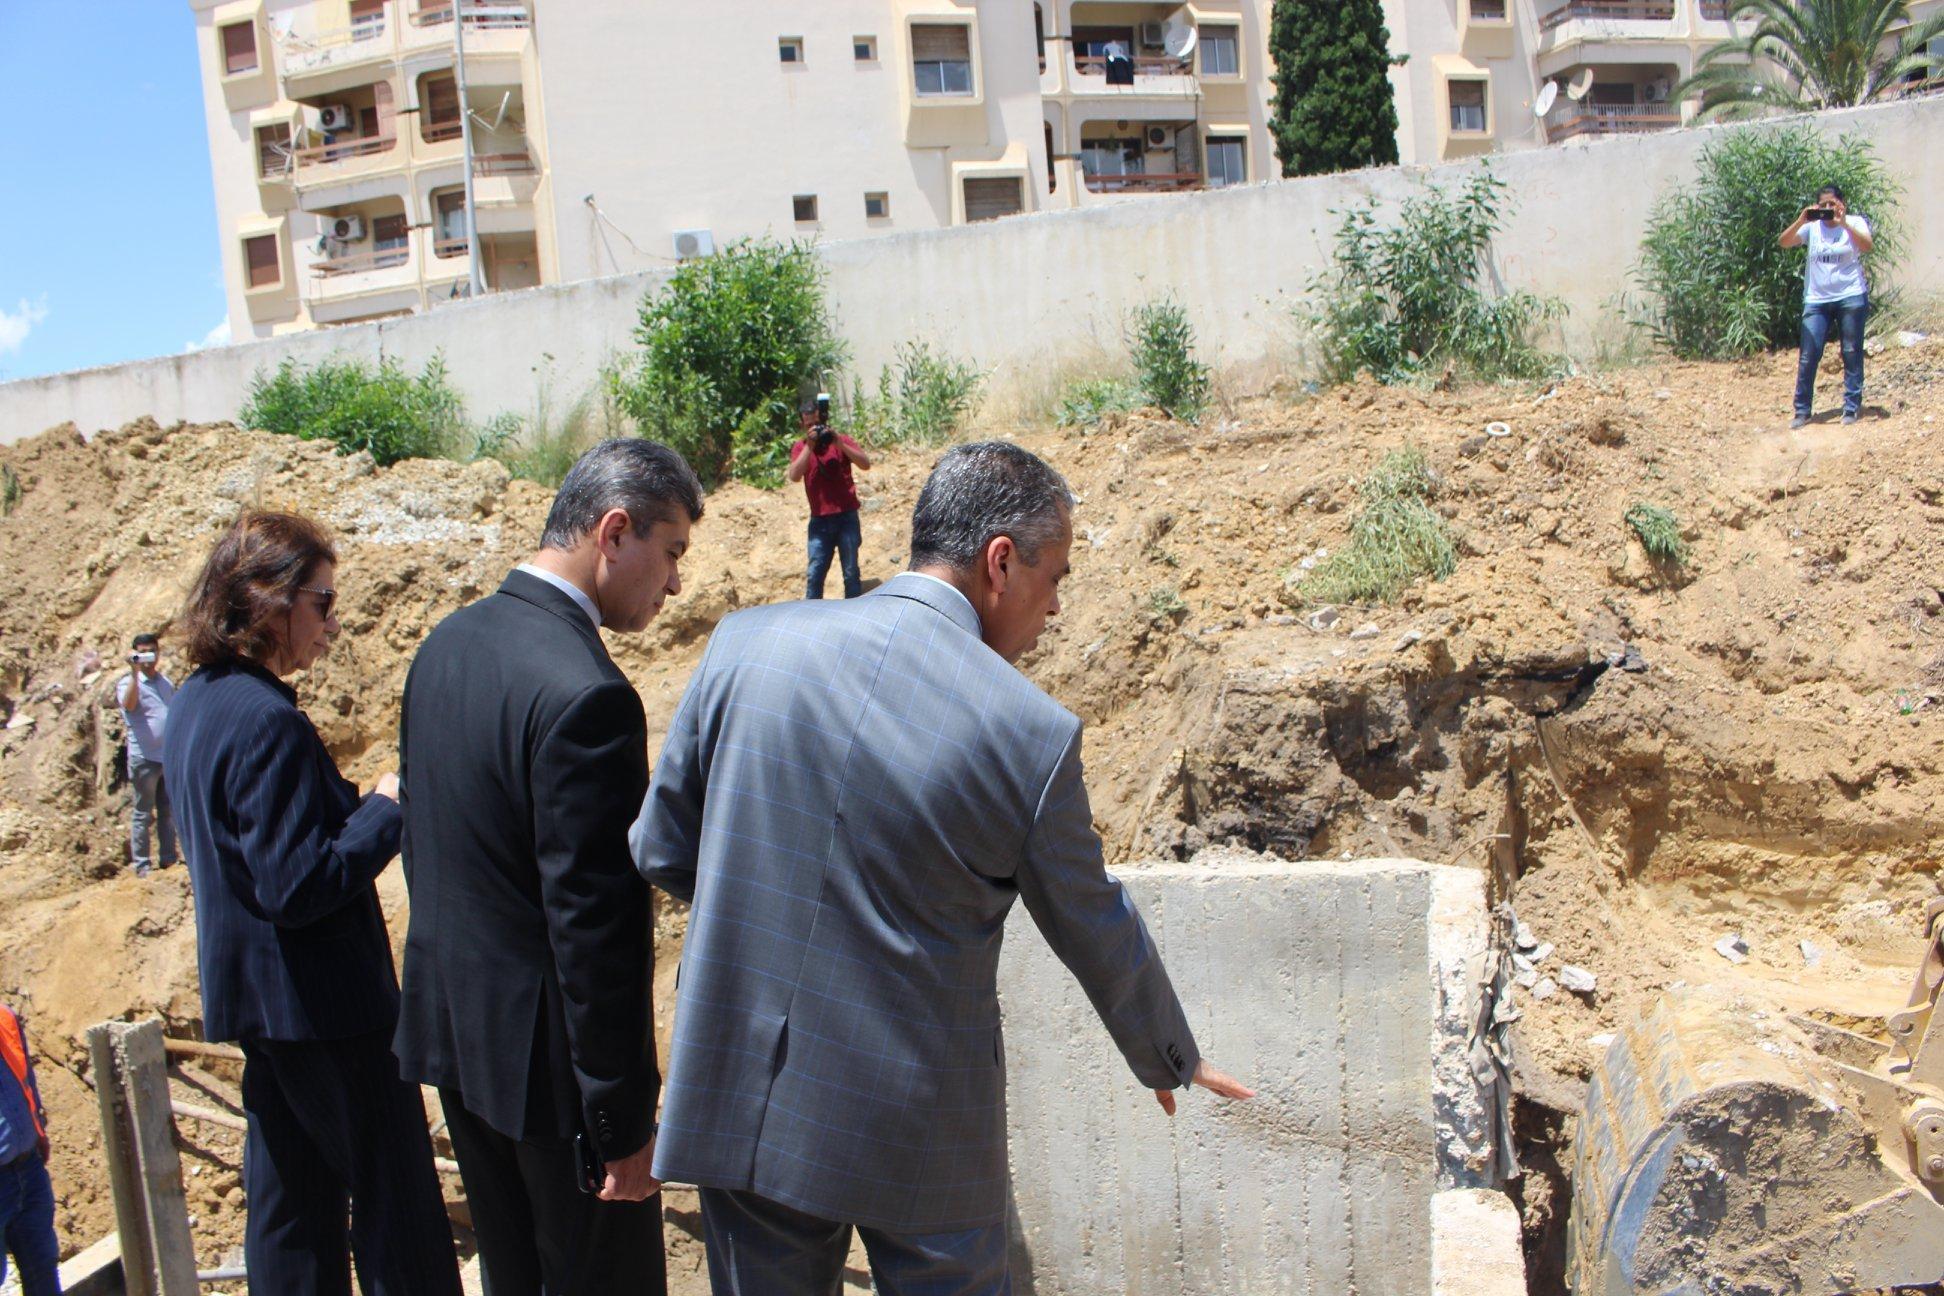 صورة زيارة تفقد الى حضيرة أشغال صيانة قناة الجلب الرئيسيّة قطر 1250 مم